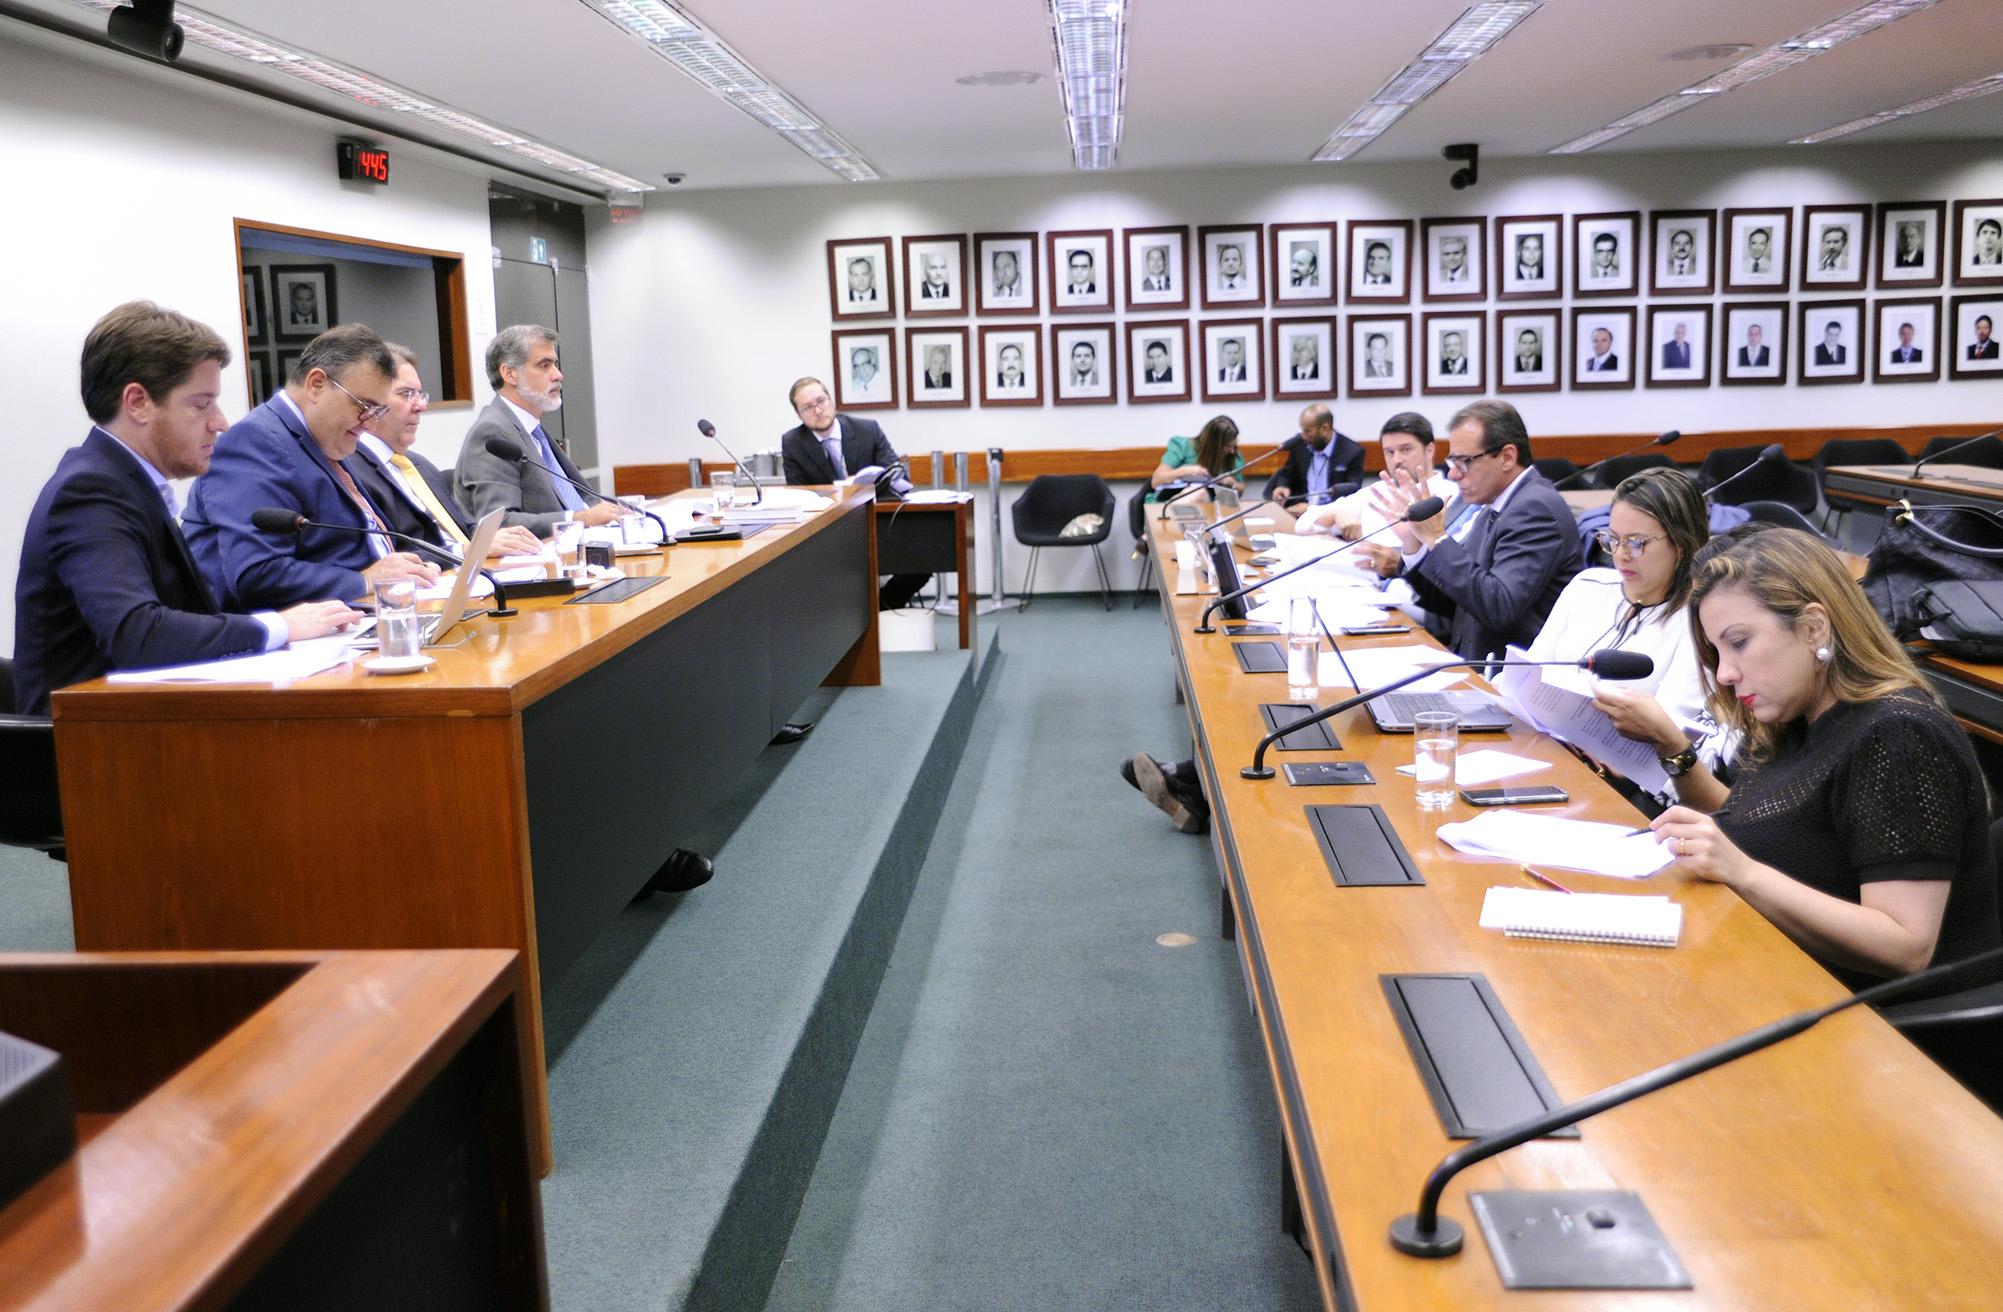 Comissão de Juristas responsável pela atualização da Lei de Entorpecentes - Lei nº 11.343/2006 e do Sistema Nacional de Políticas Públicas sobre Drogas